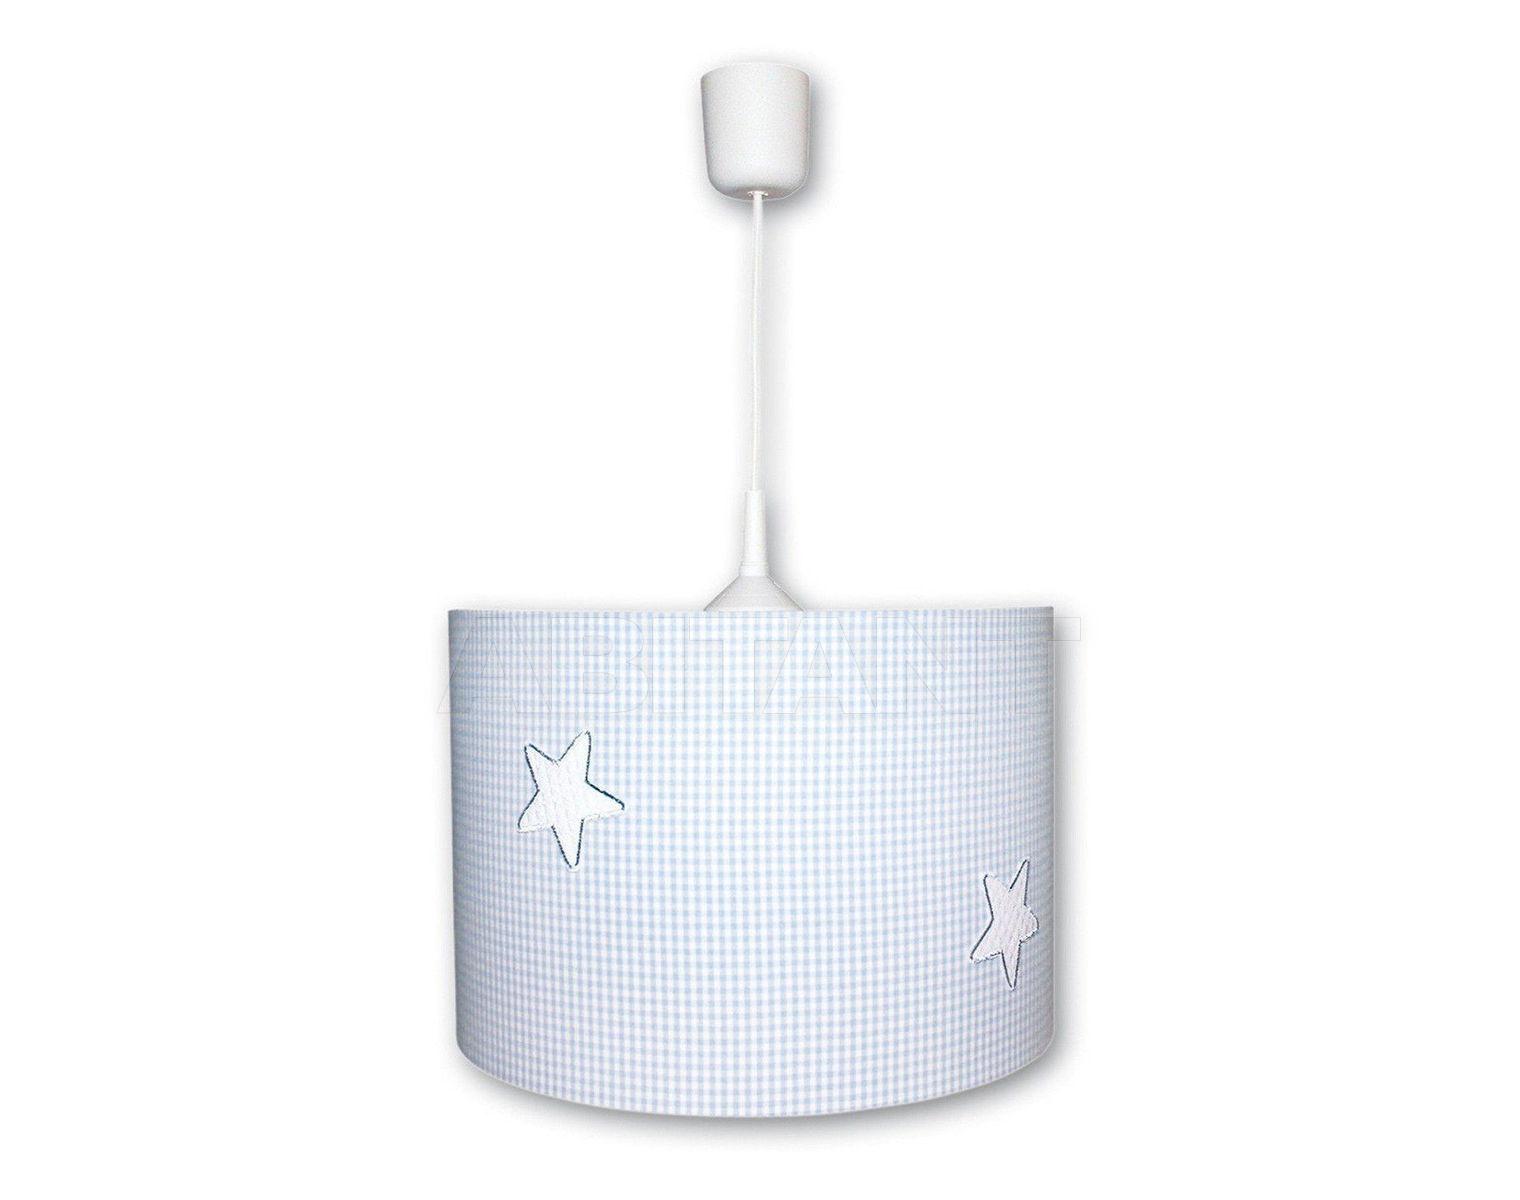 Купить Светильник для детской Waldi Leuchten Lampen Fur Kinder 2012 70267.0